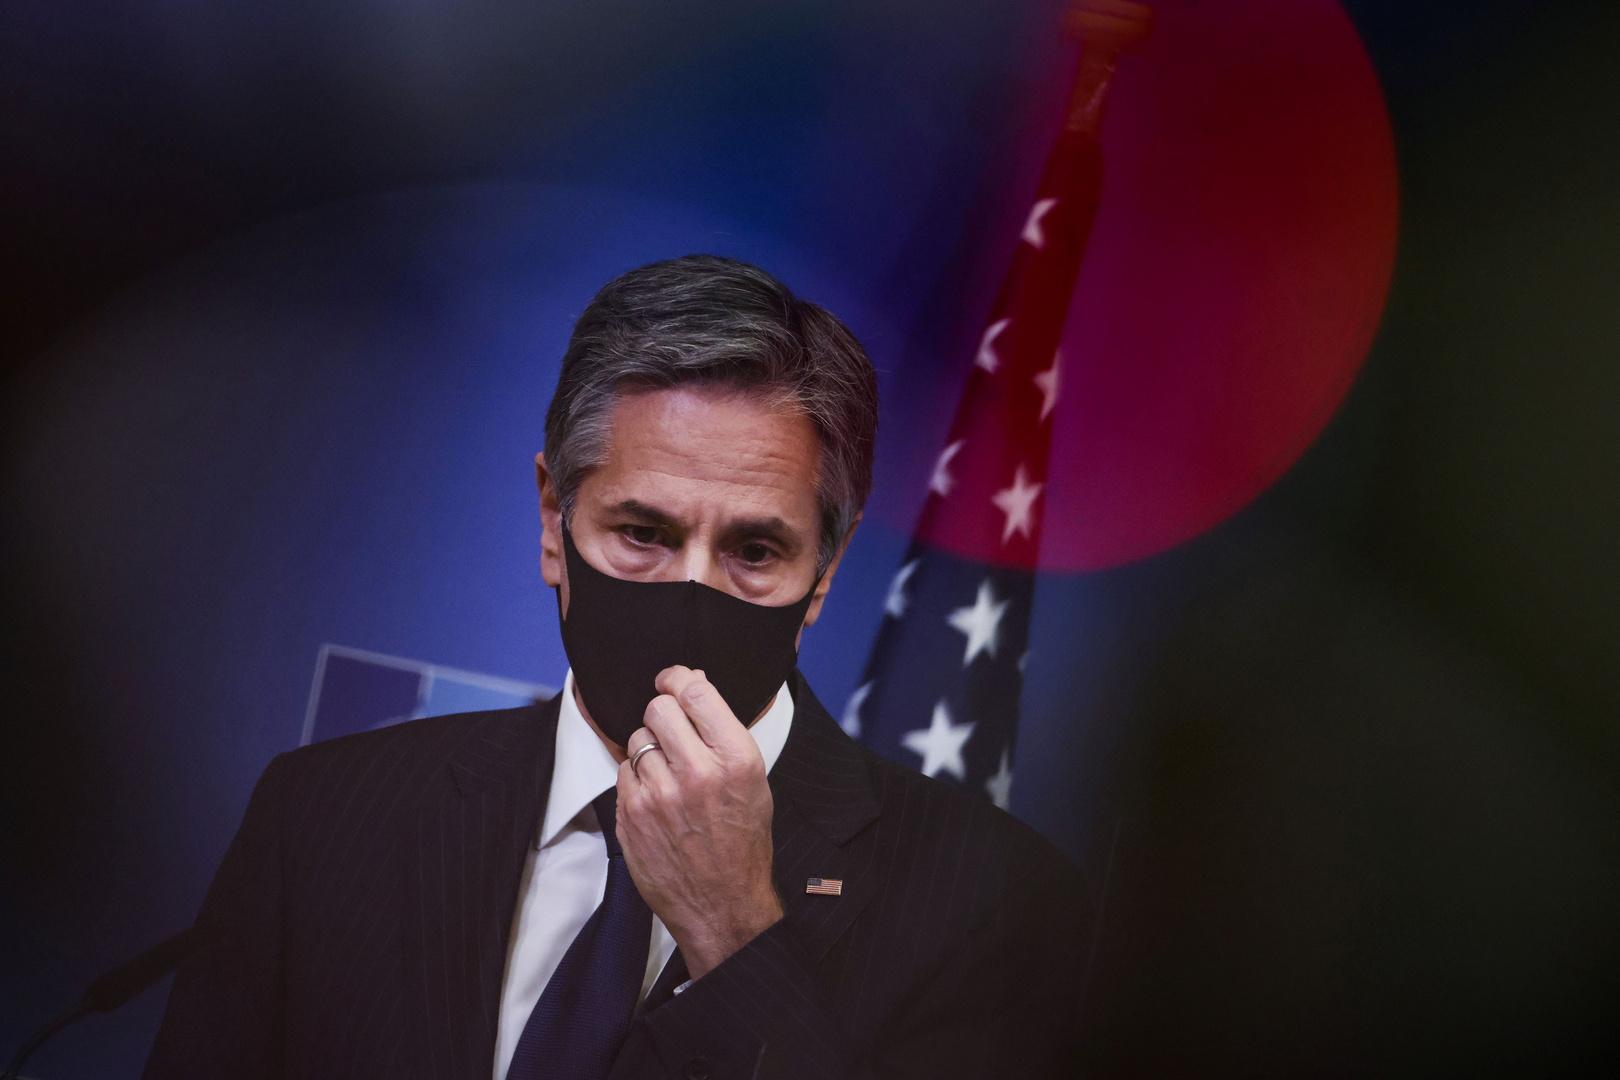 بلينكين: إعلان إيران عن تخصيب اليورانيوم